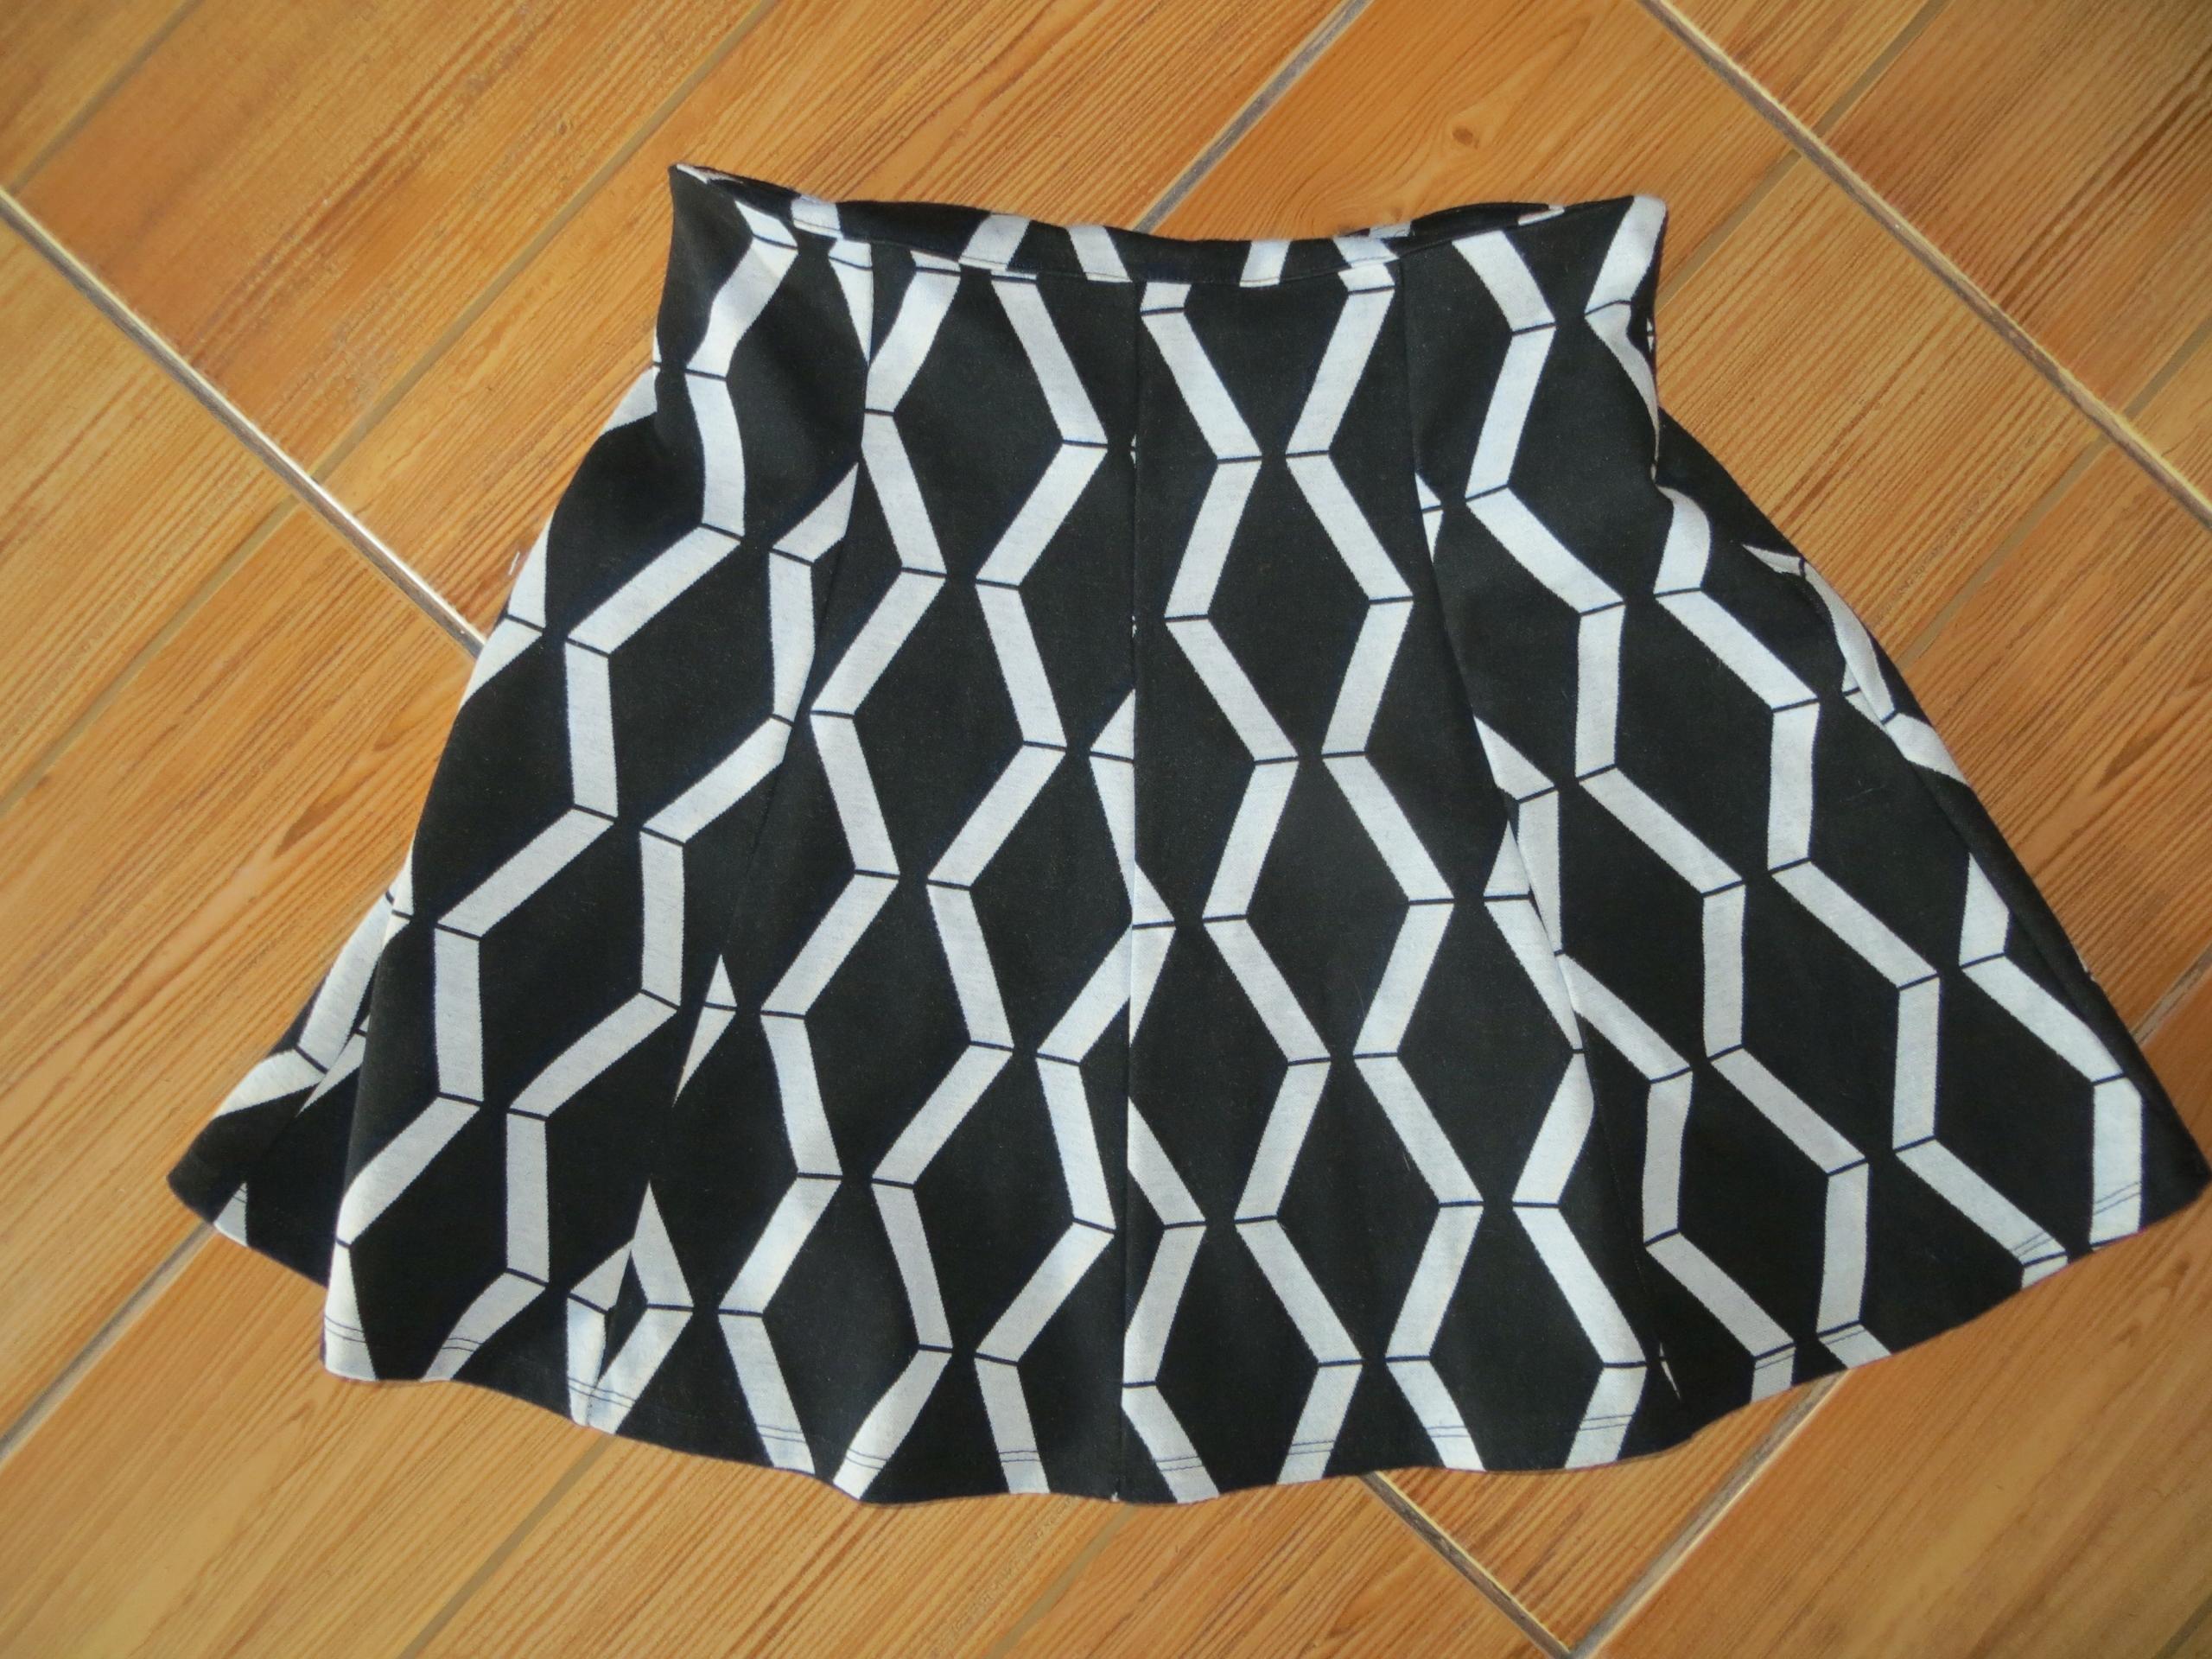 Spódnica damska rozmiar 38 nowa kolekcja